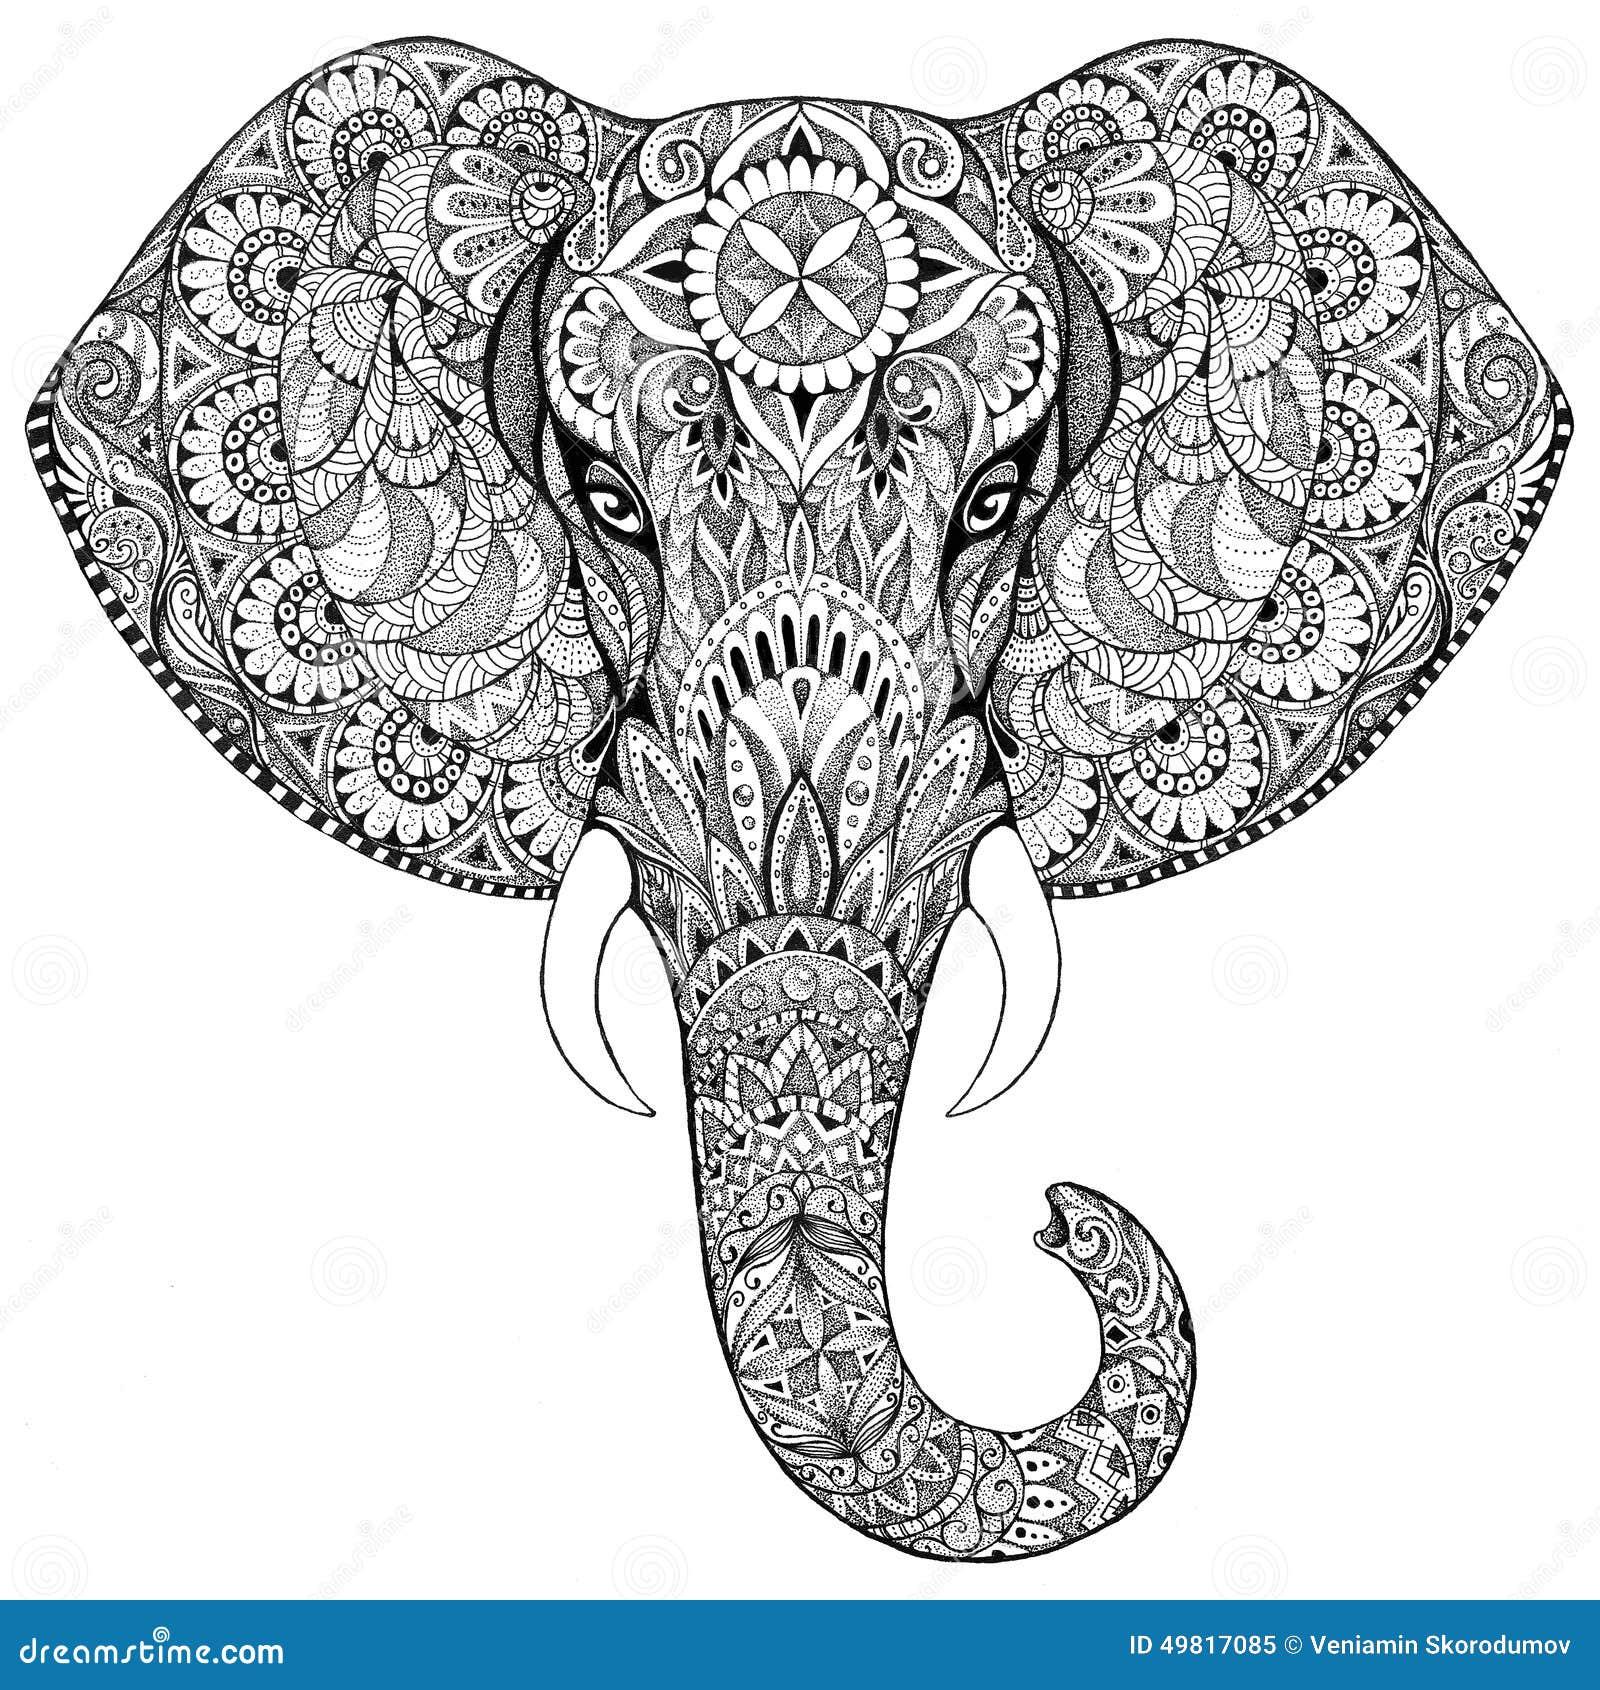 Tätowierungselefant mit Mustern und Verzierungen